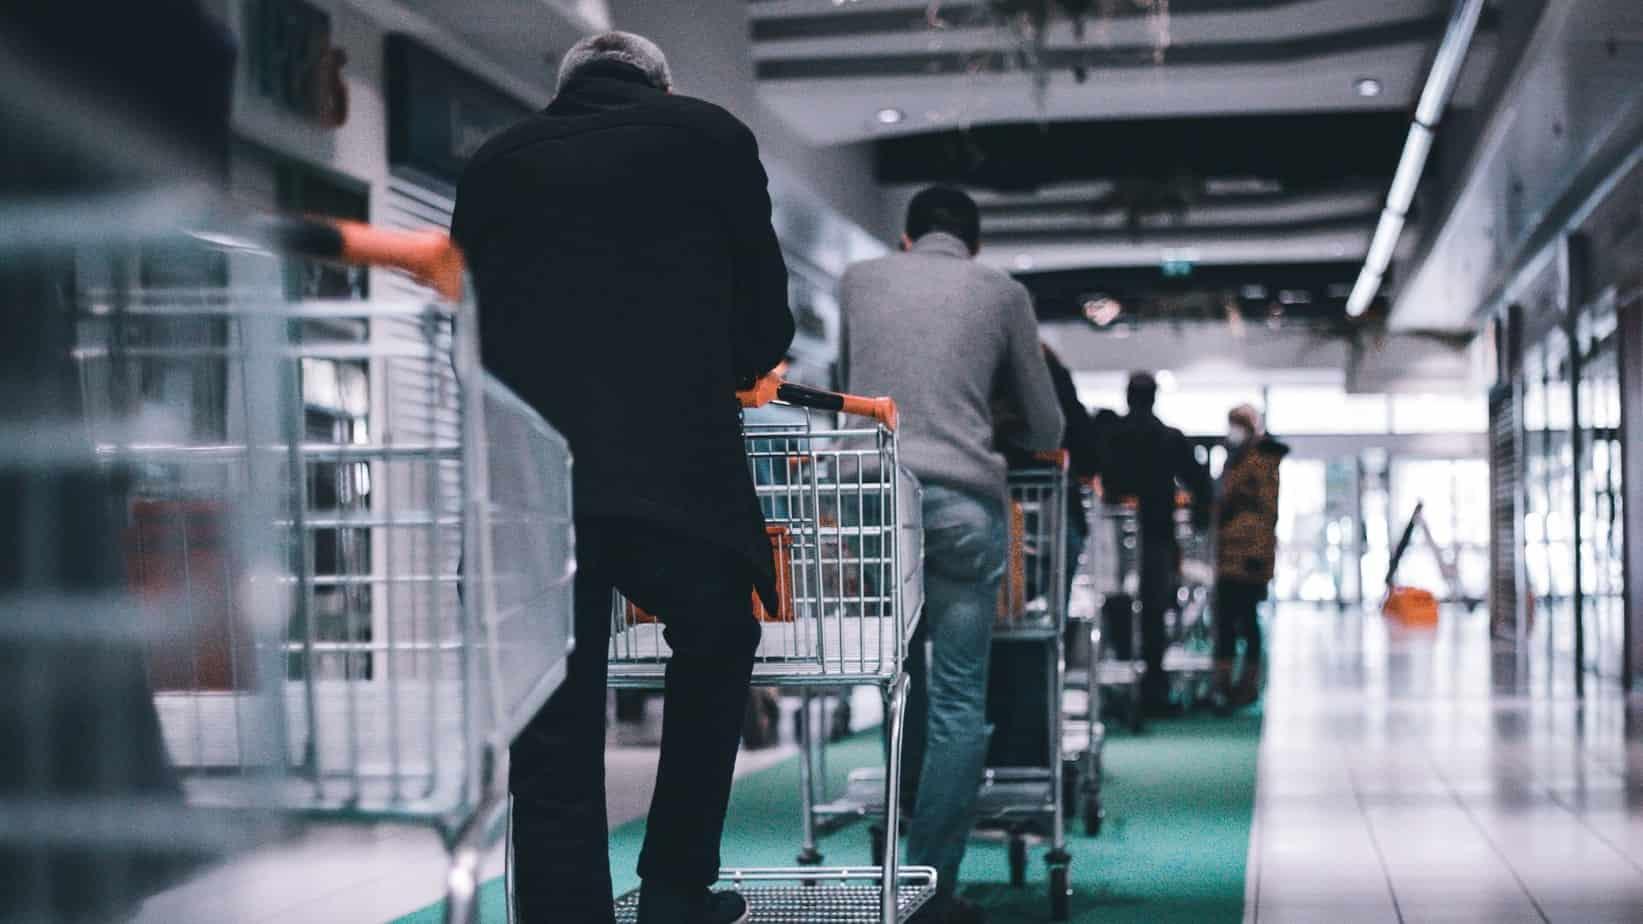 Pour la première fois, Amazon équipe une nouvelle épicerie grandeur nature de sa technologie Just Walk Out